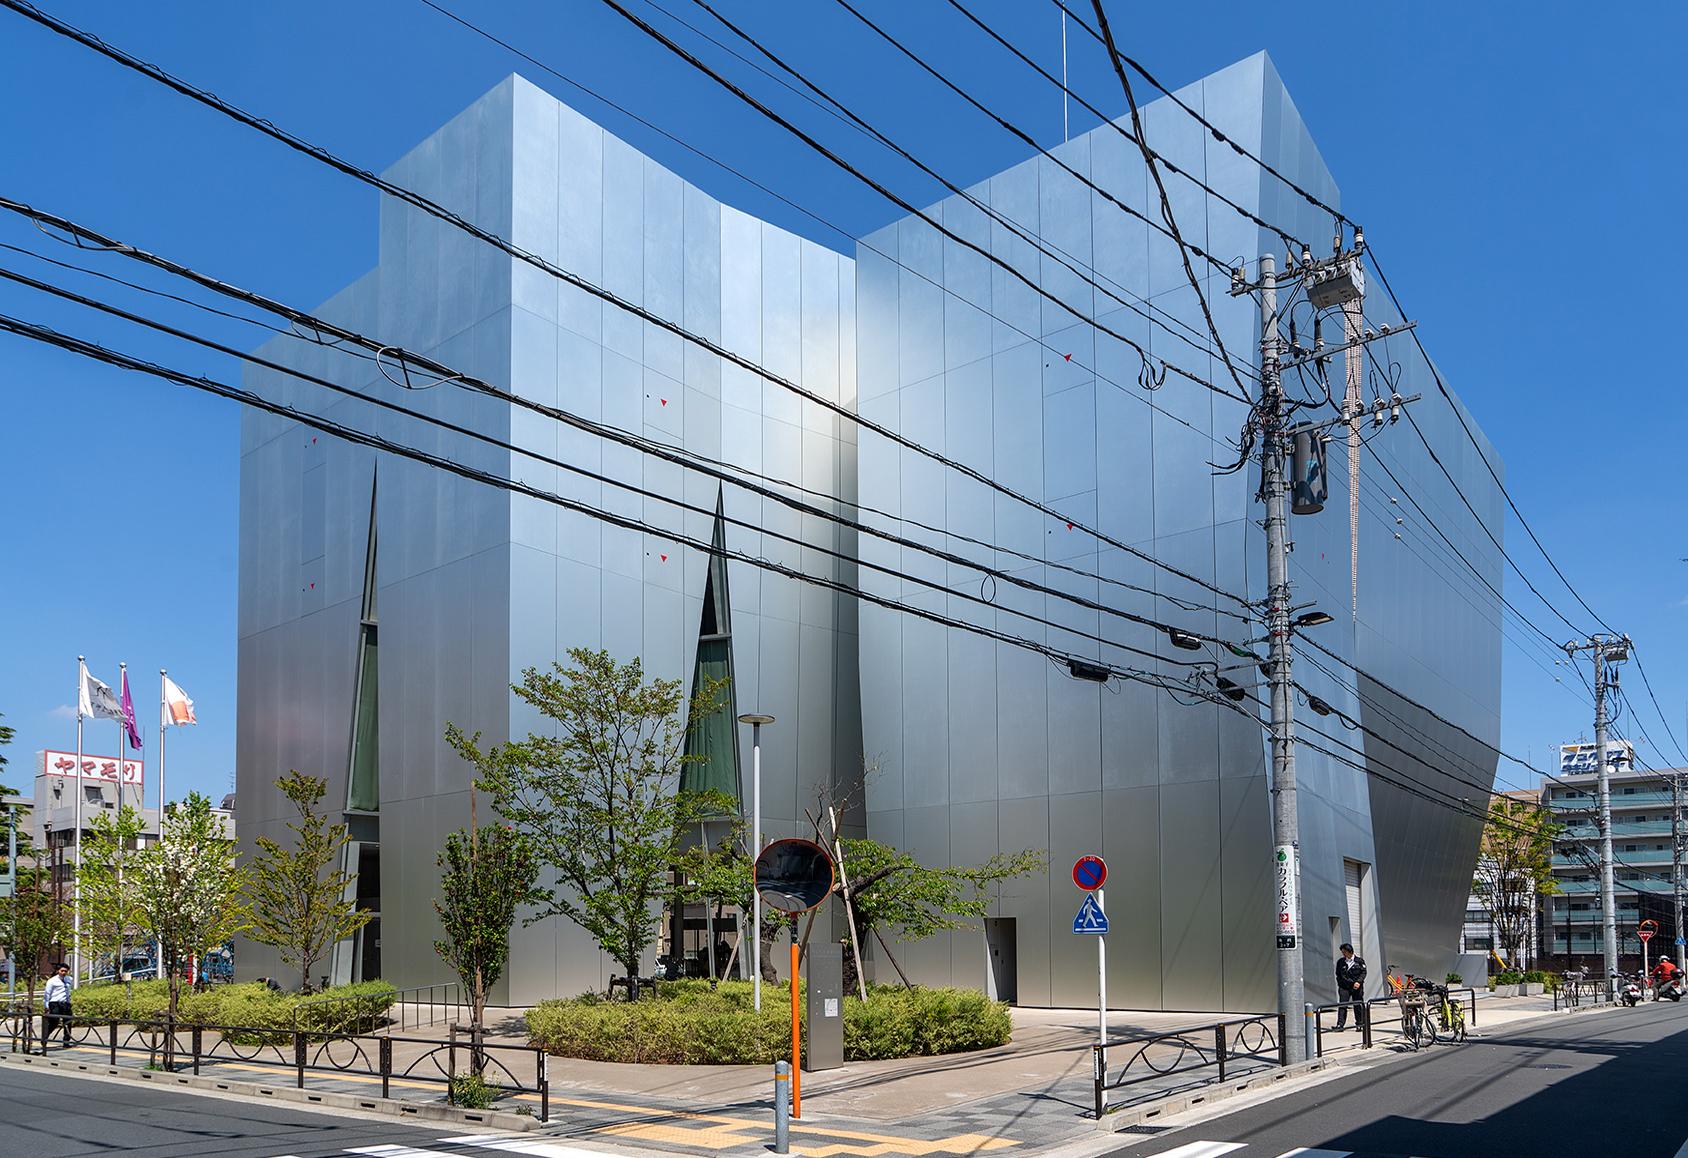 Der Museumsbau mit davor hängenden Stromleitungen